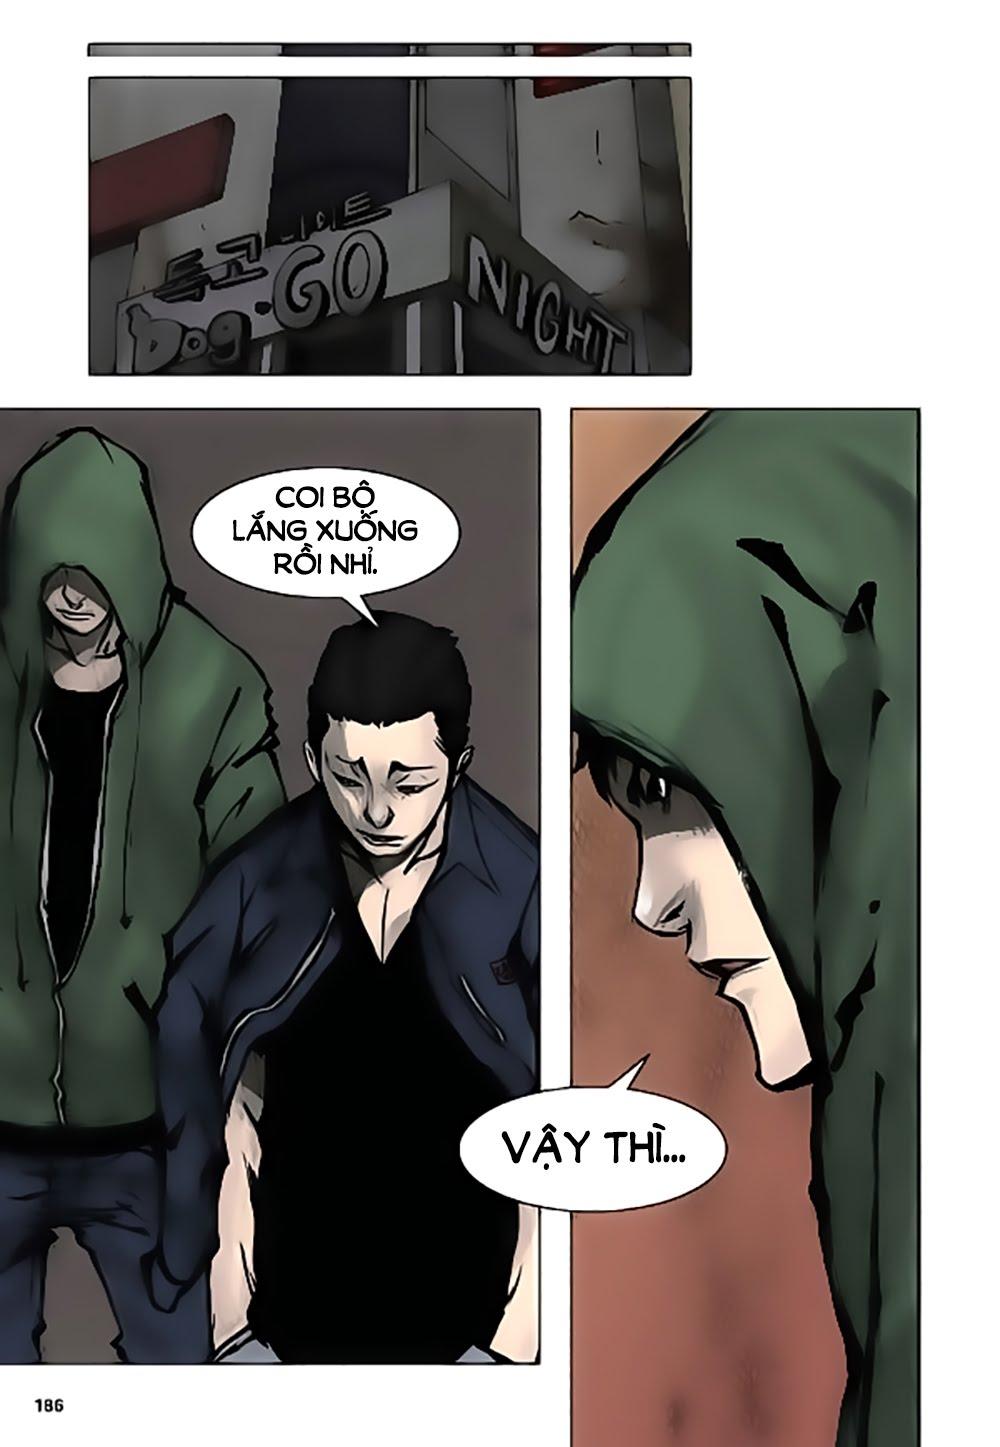 Tong | Tổng chap 30 - Trang 9